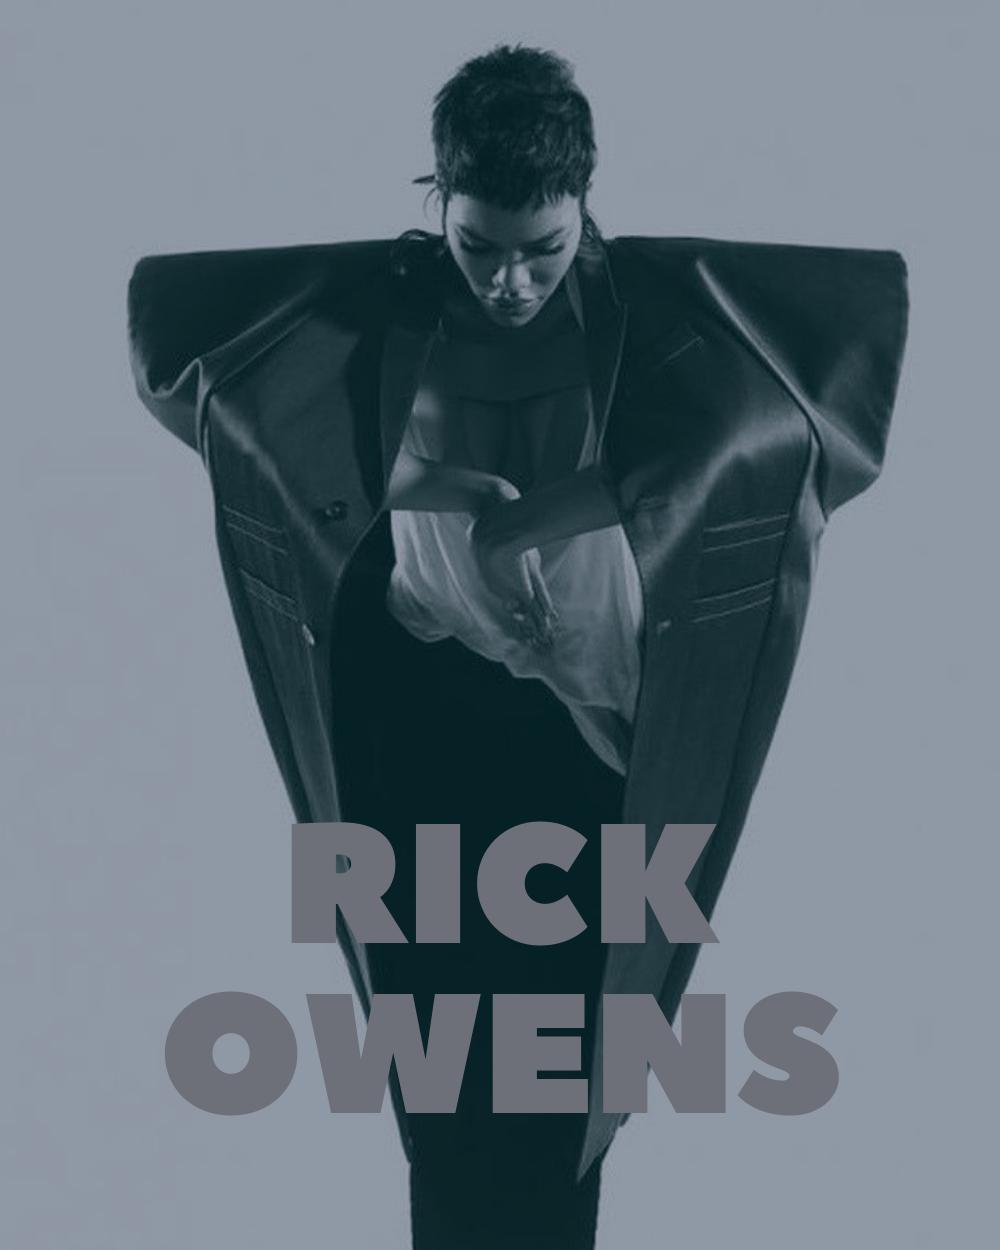 RICK OWENS Modern grunge